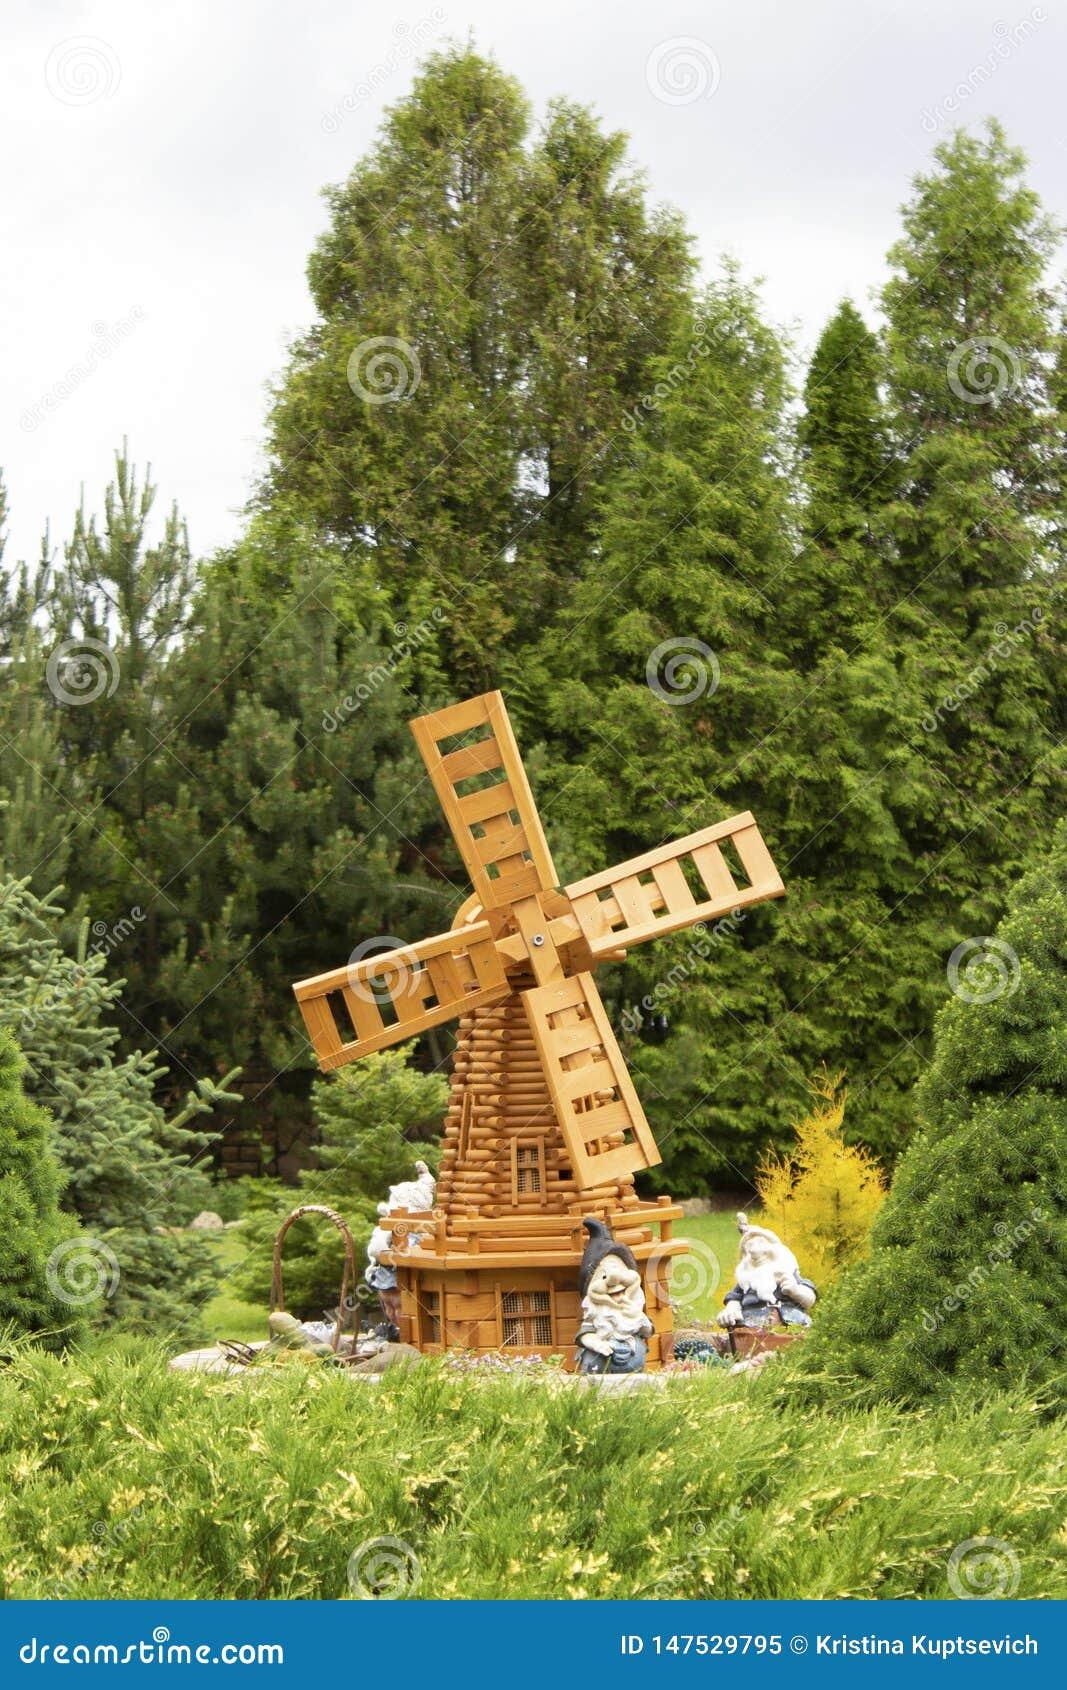 Sommarträdgård med en dekorativ väderkvarn och gnomer